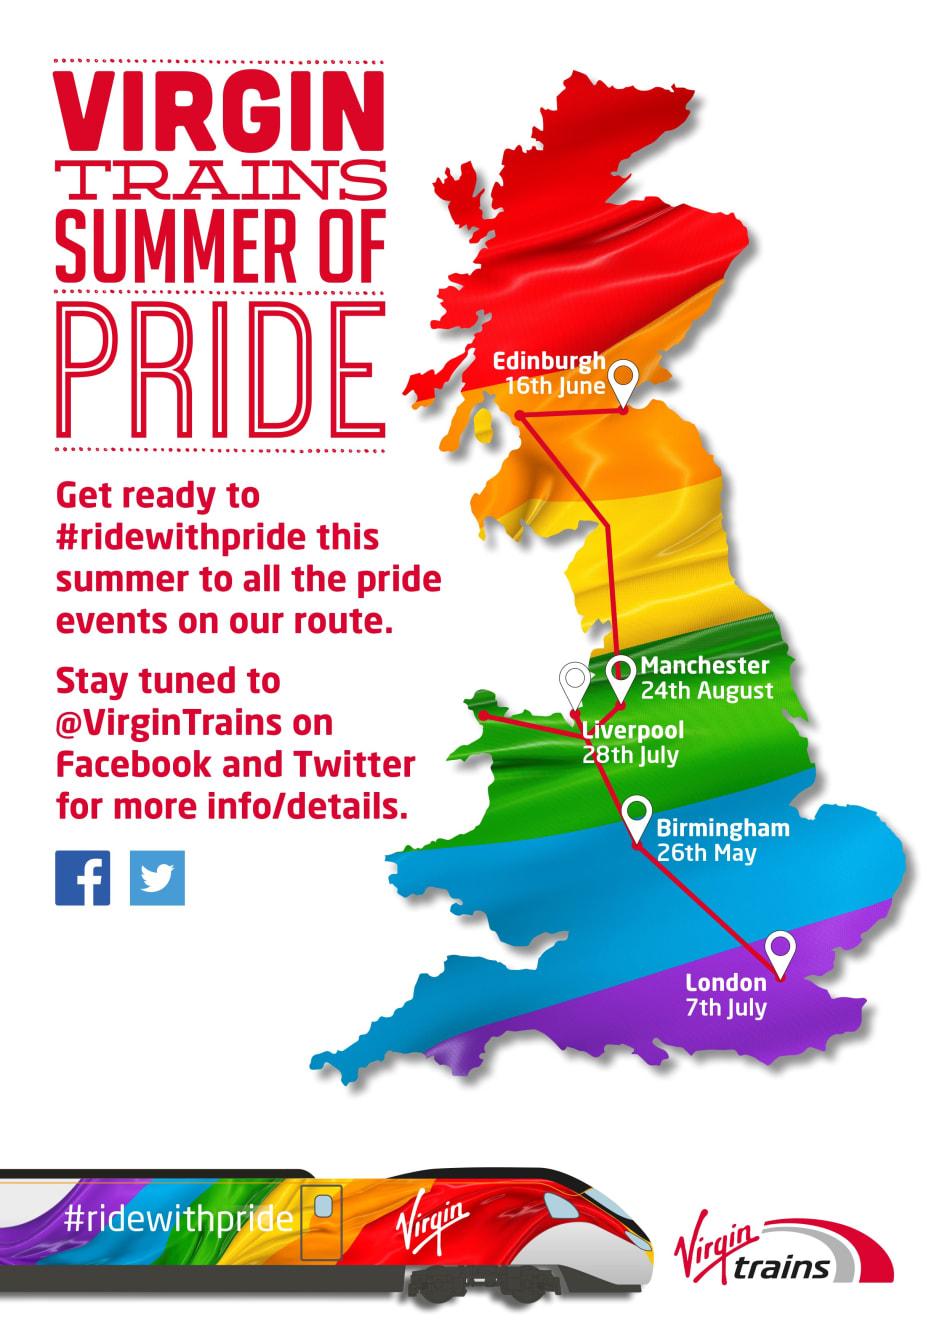 Summer of Pride Map - Virgin Trains